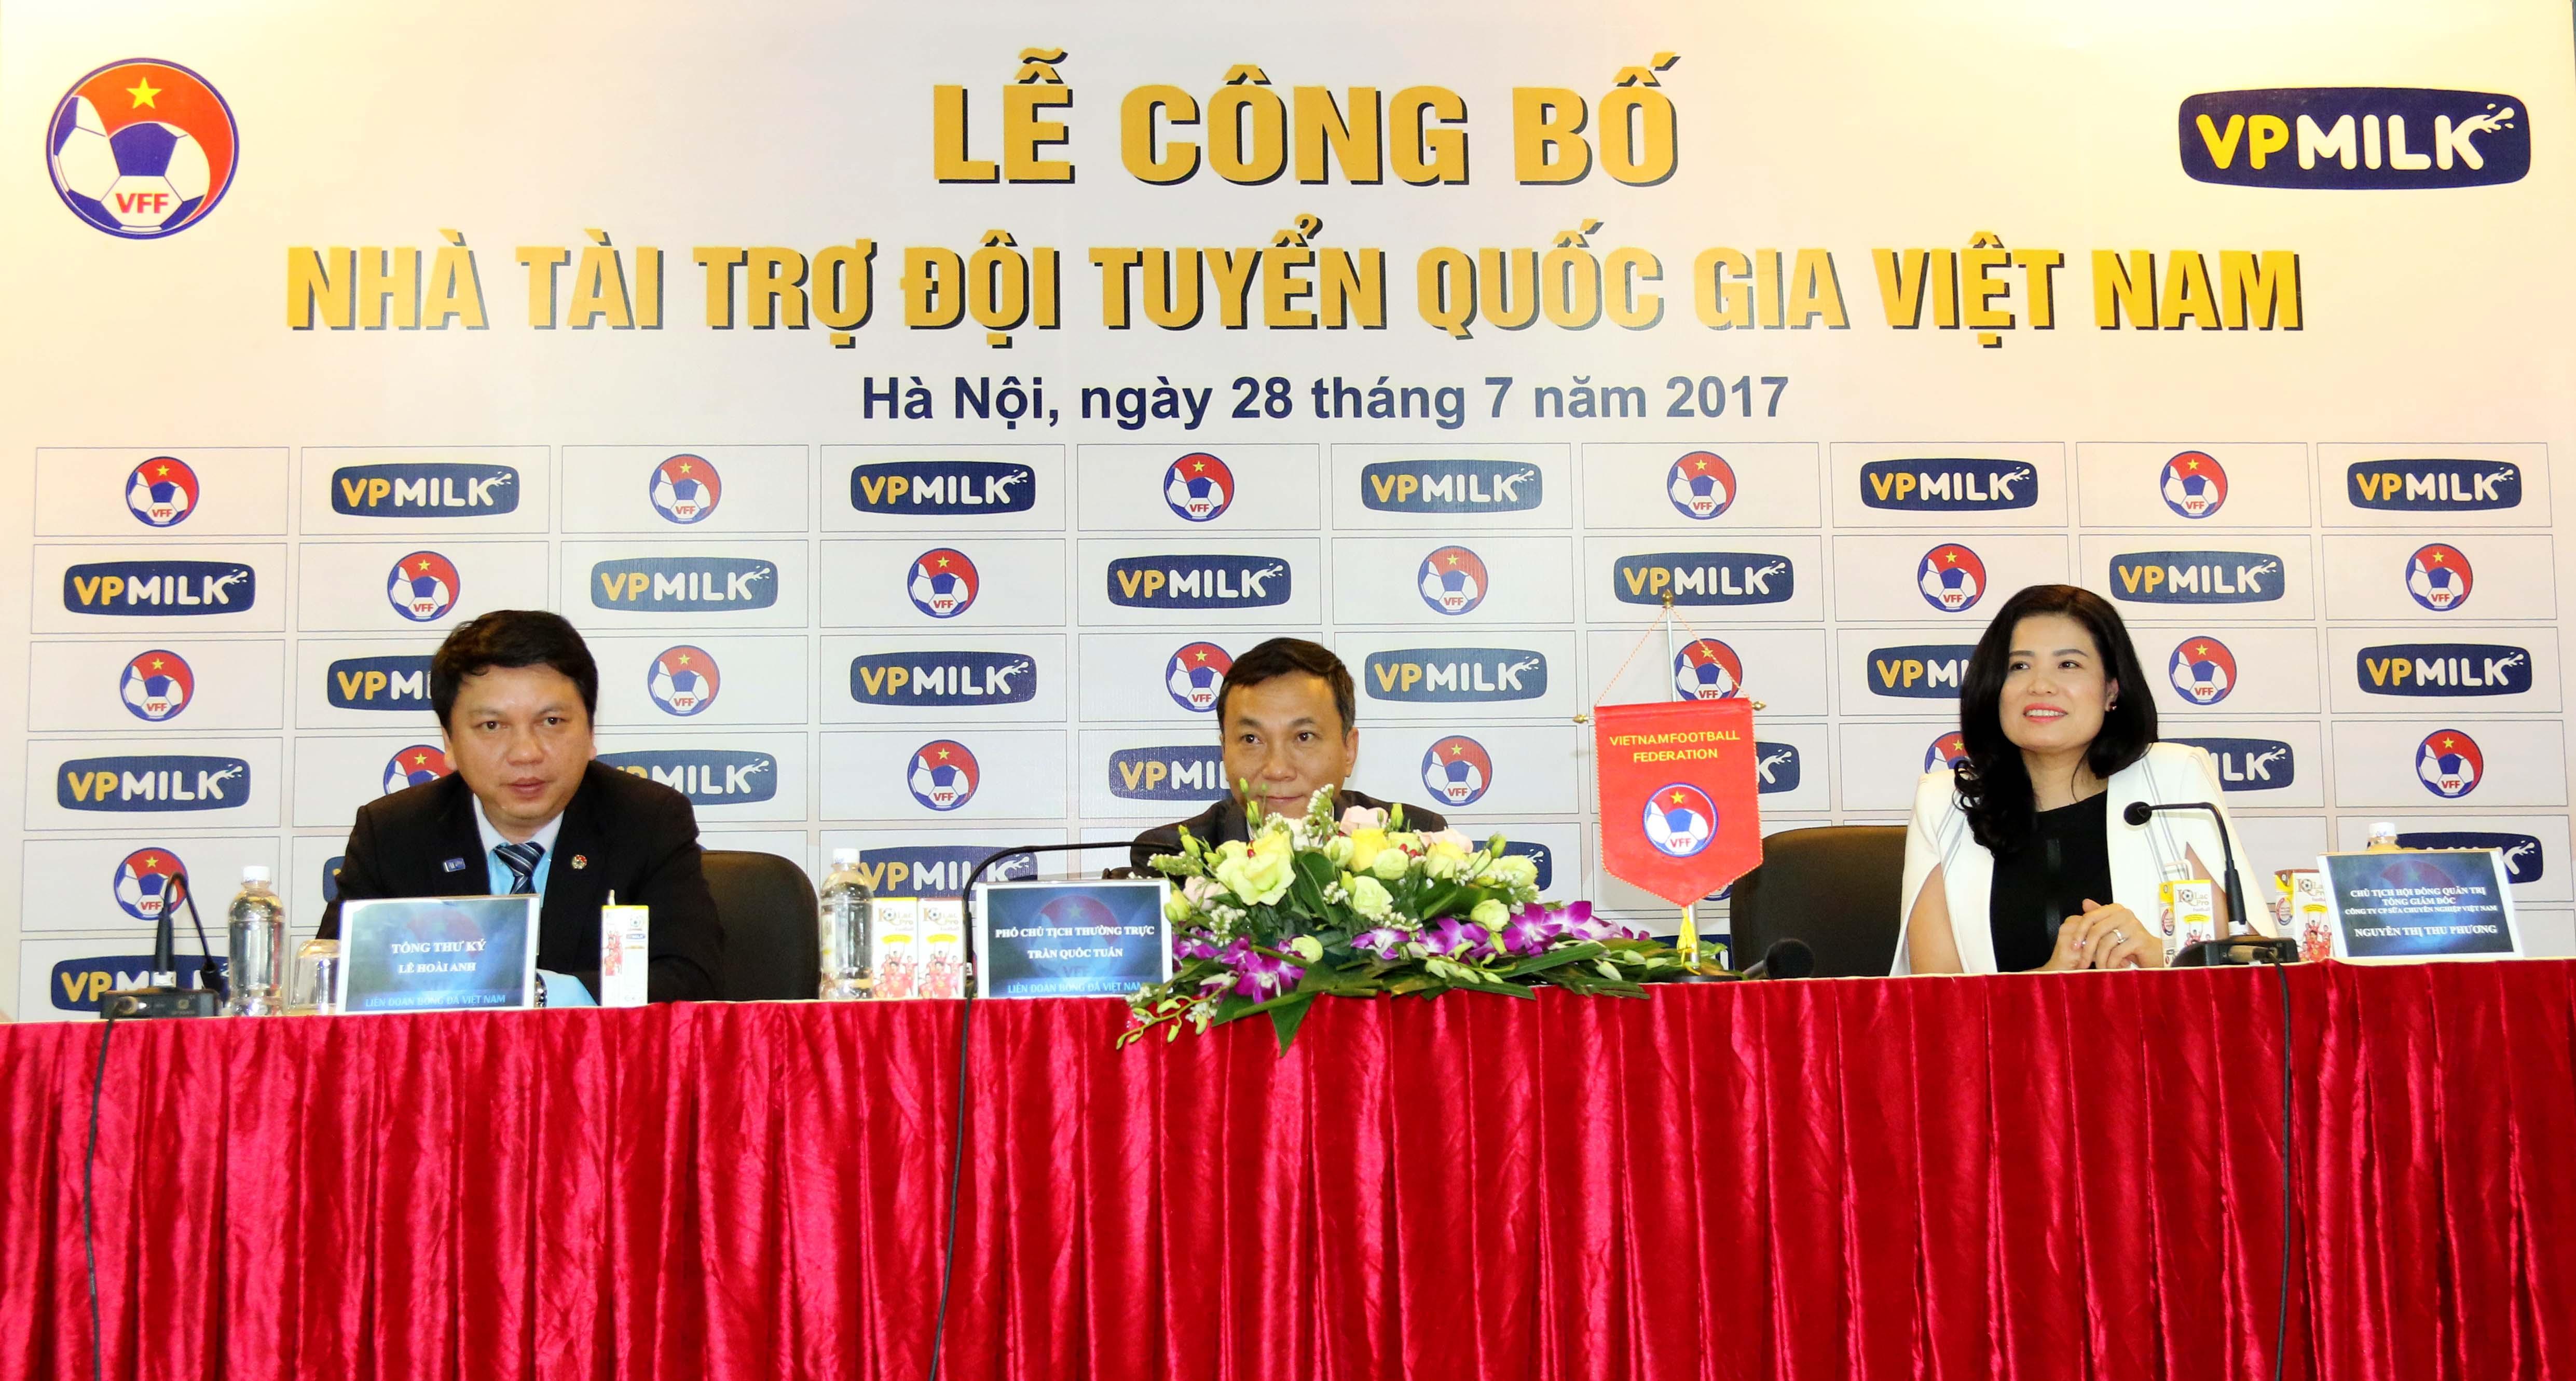 Chùm ảnh VPMilk tiếp thêm sức mạnh cho các đội tuyển quốc gia trước thềm SEA Games 29